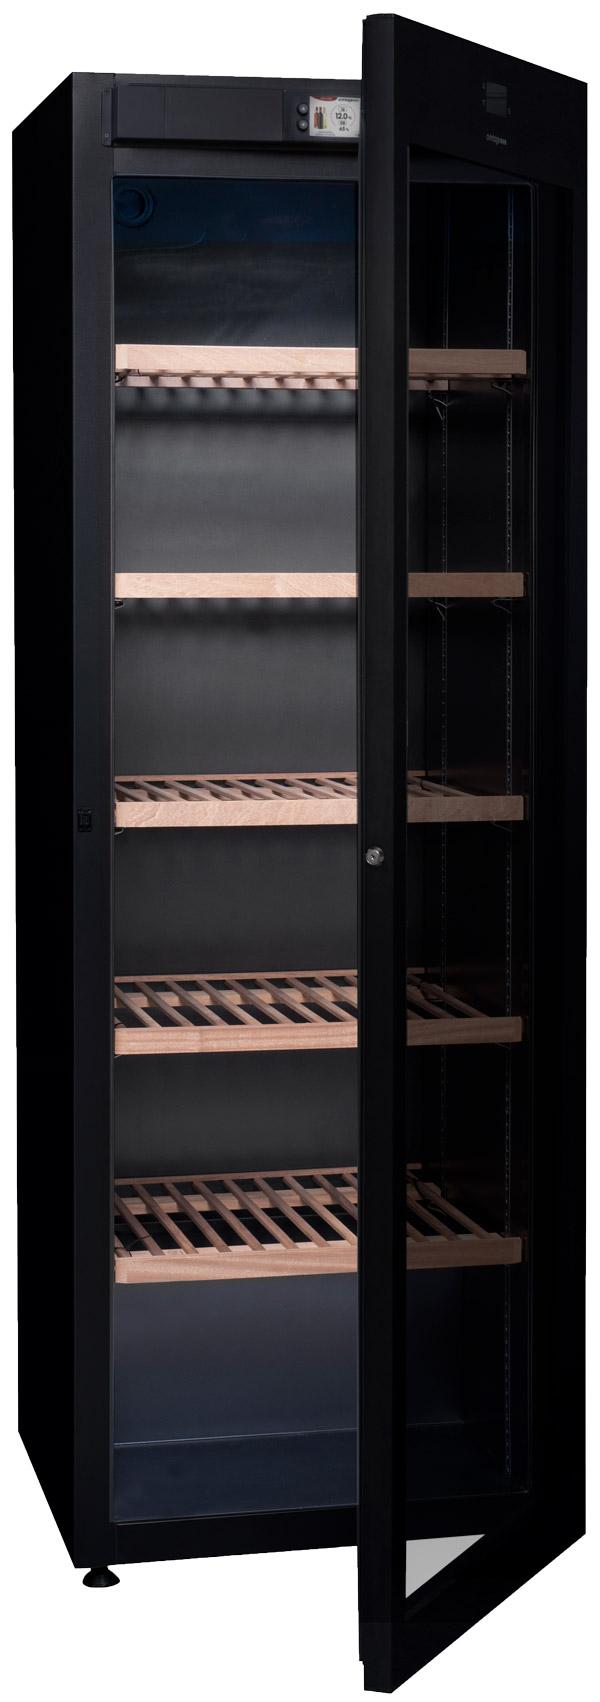 Fristående svart multitemperatursskåp med öppen dörr